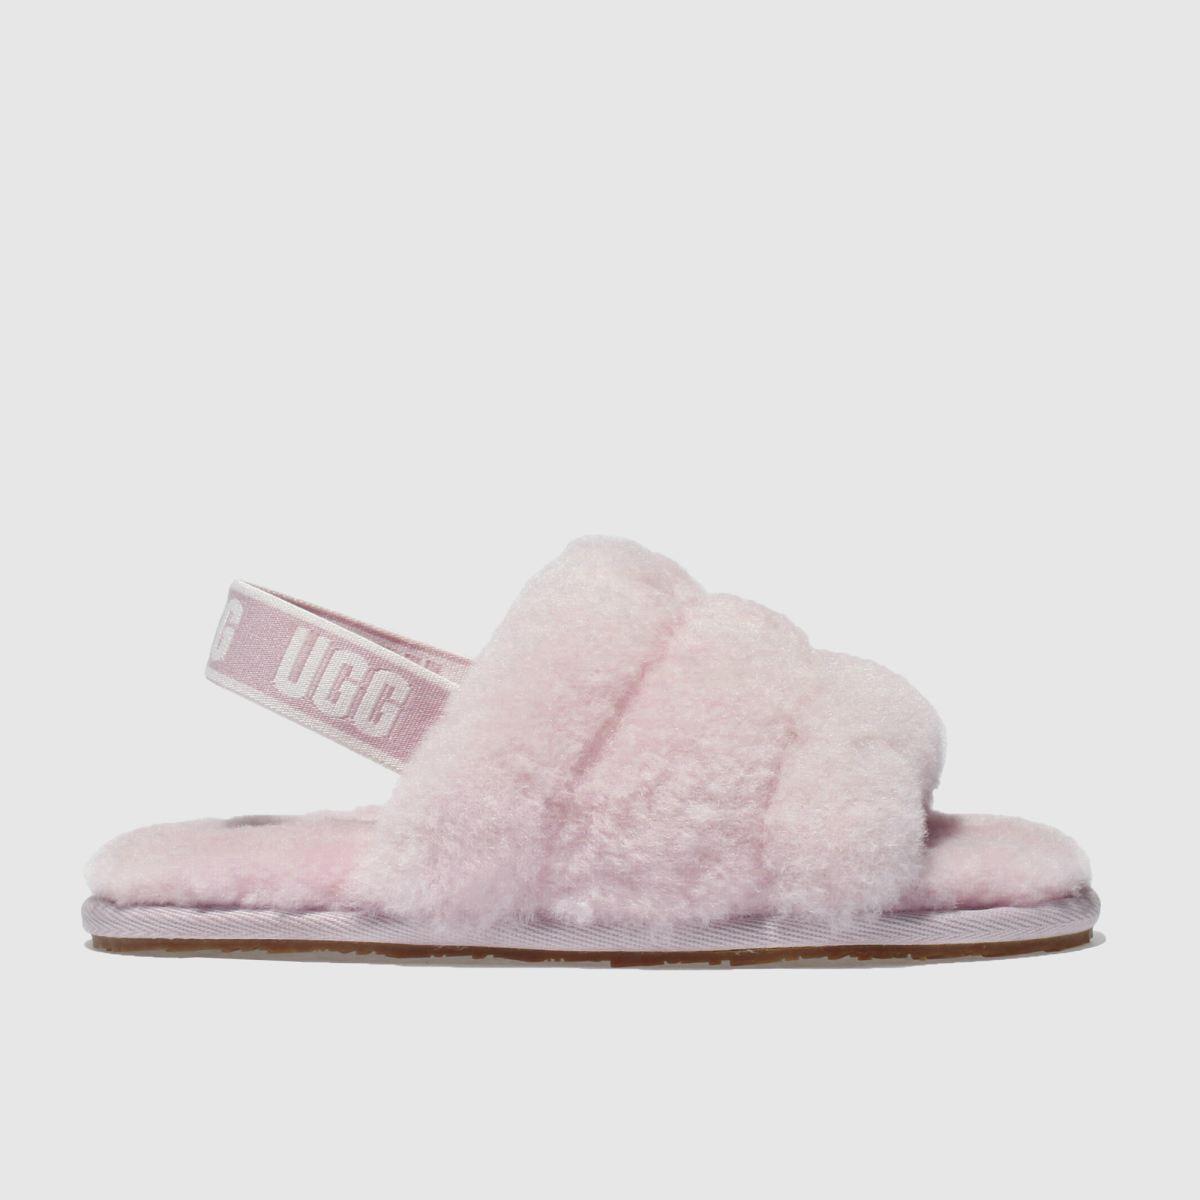 Ugg Pale Pink Fluff Yeah Slide Girls Toddler Toddler